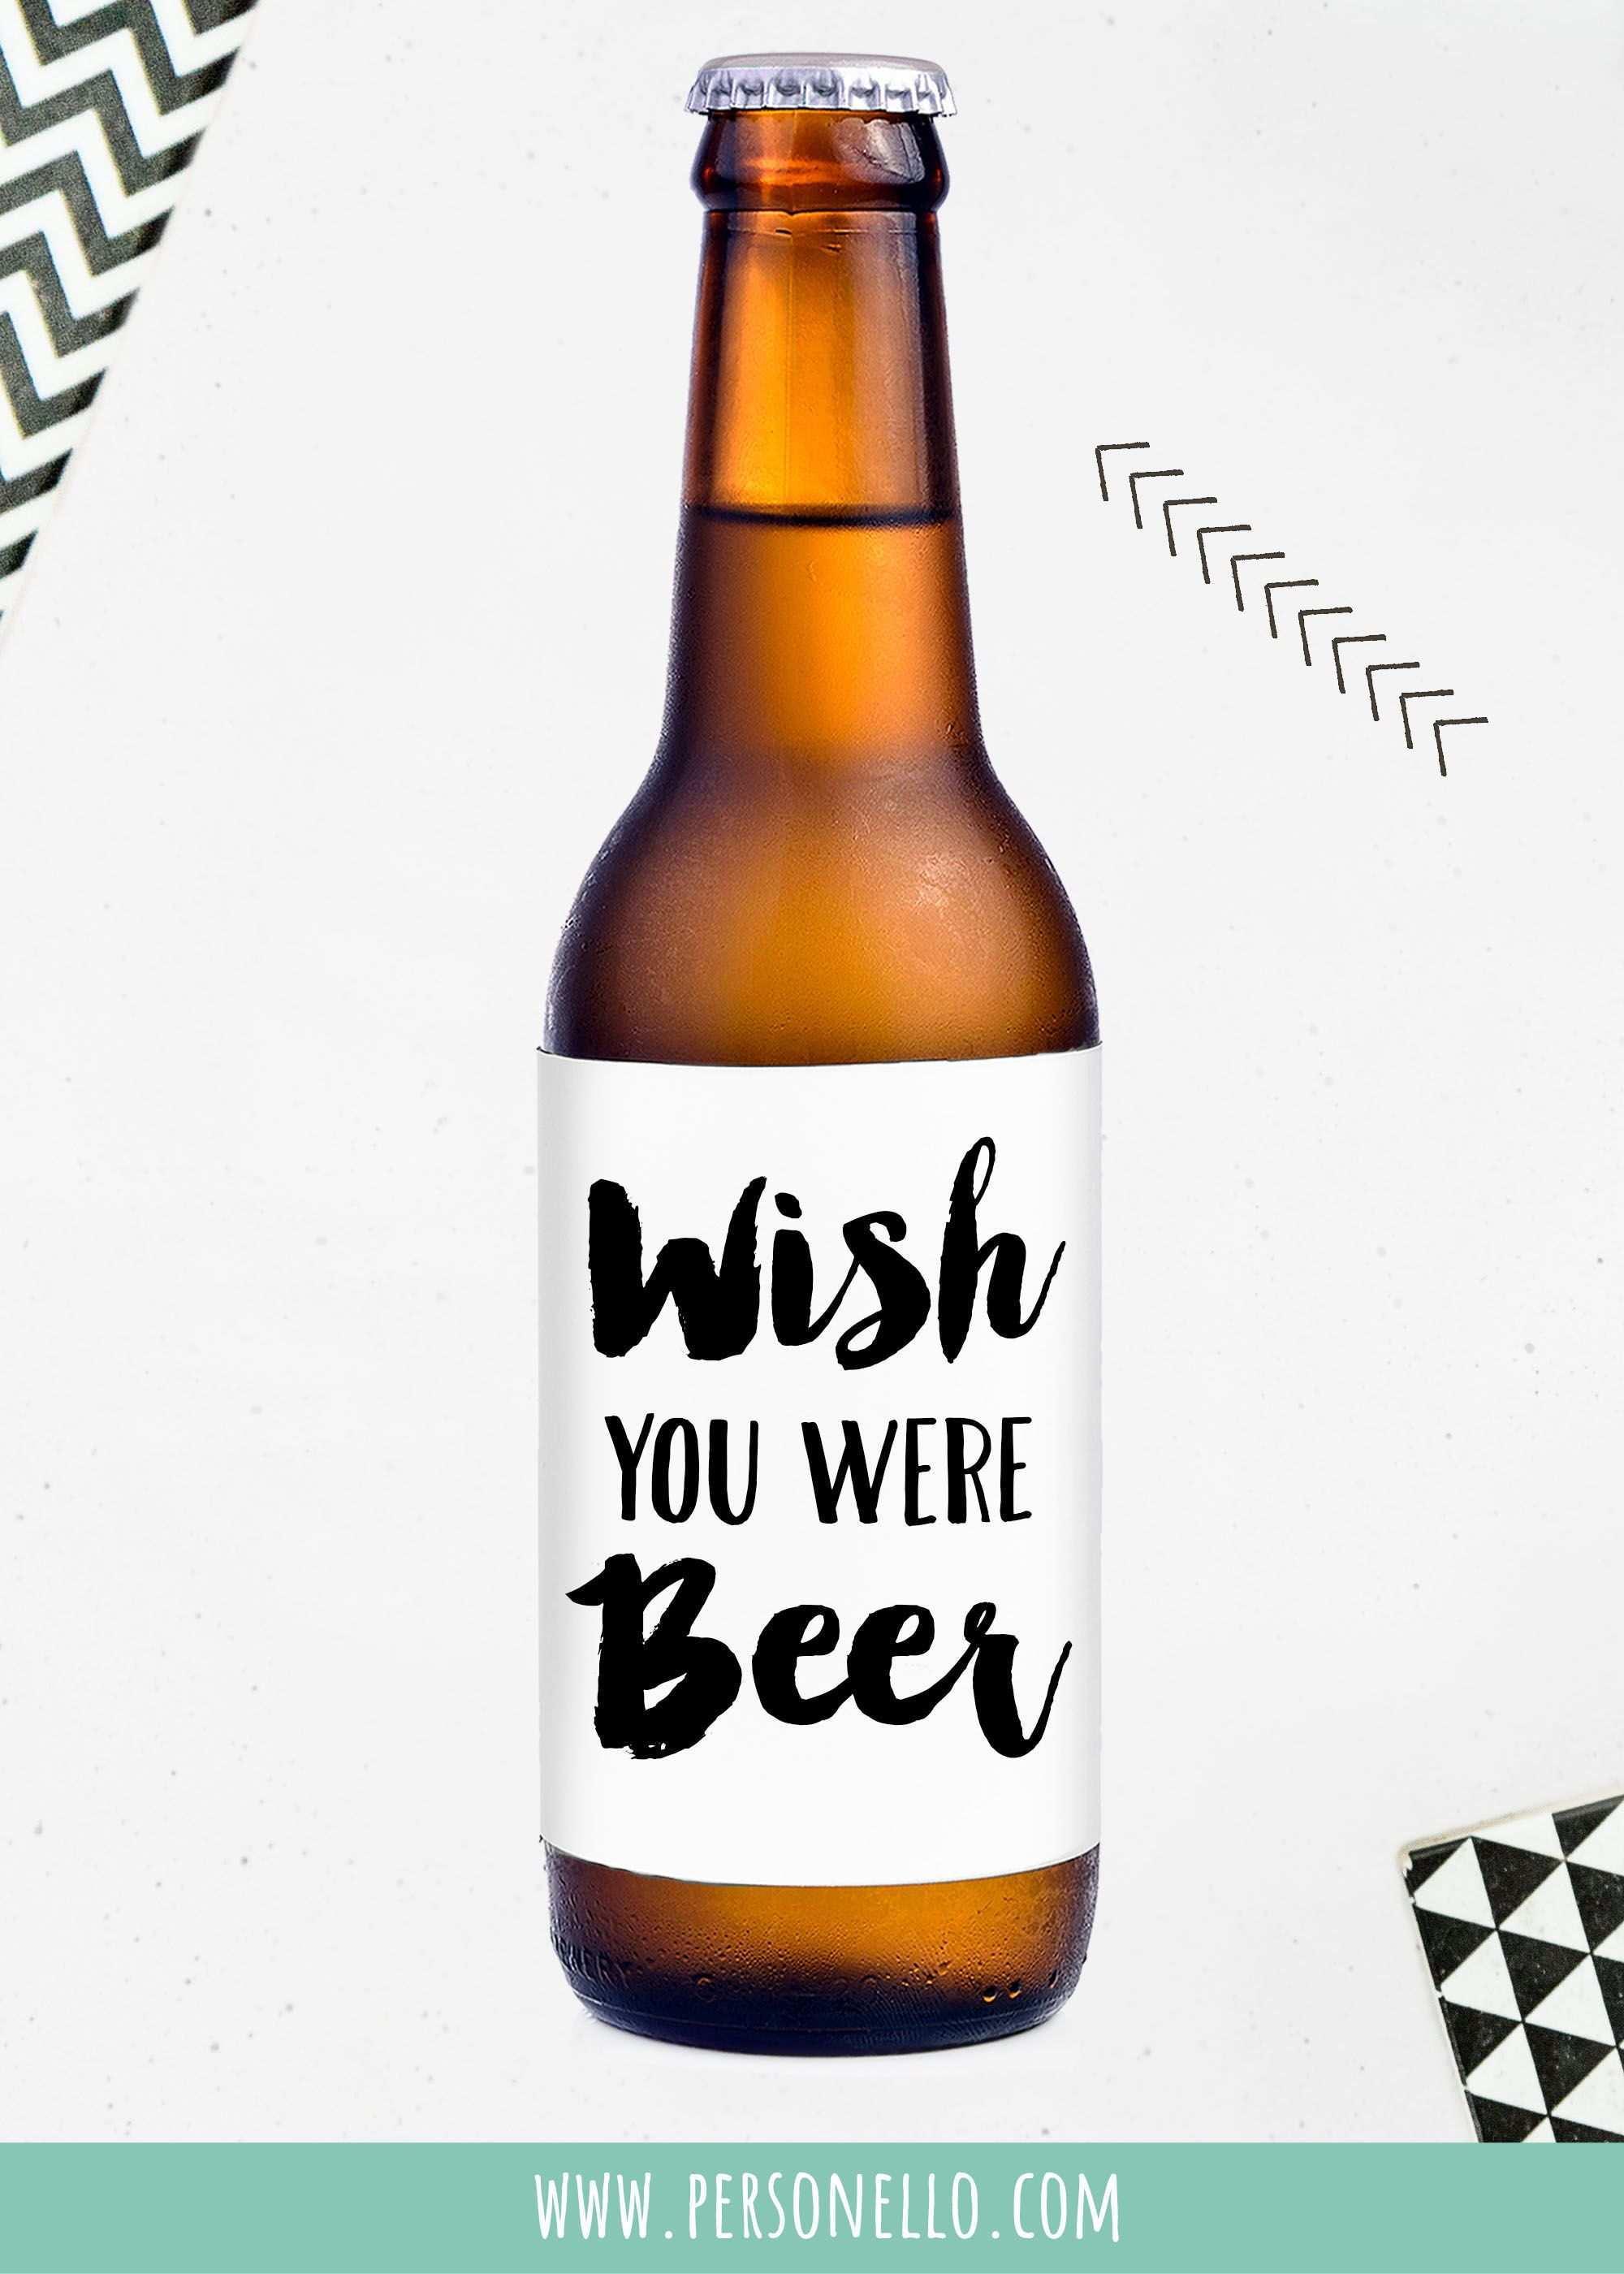 Wish You Were Beer Deine Eigenen Etiketten Selbst Gestalten Gestalt Etiketten Gestalten Flaschenetiketten Selbst Gestalten Bieretiketten Selbst Gestalten